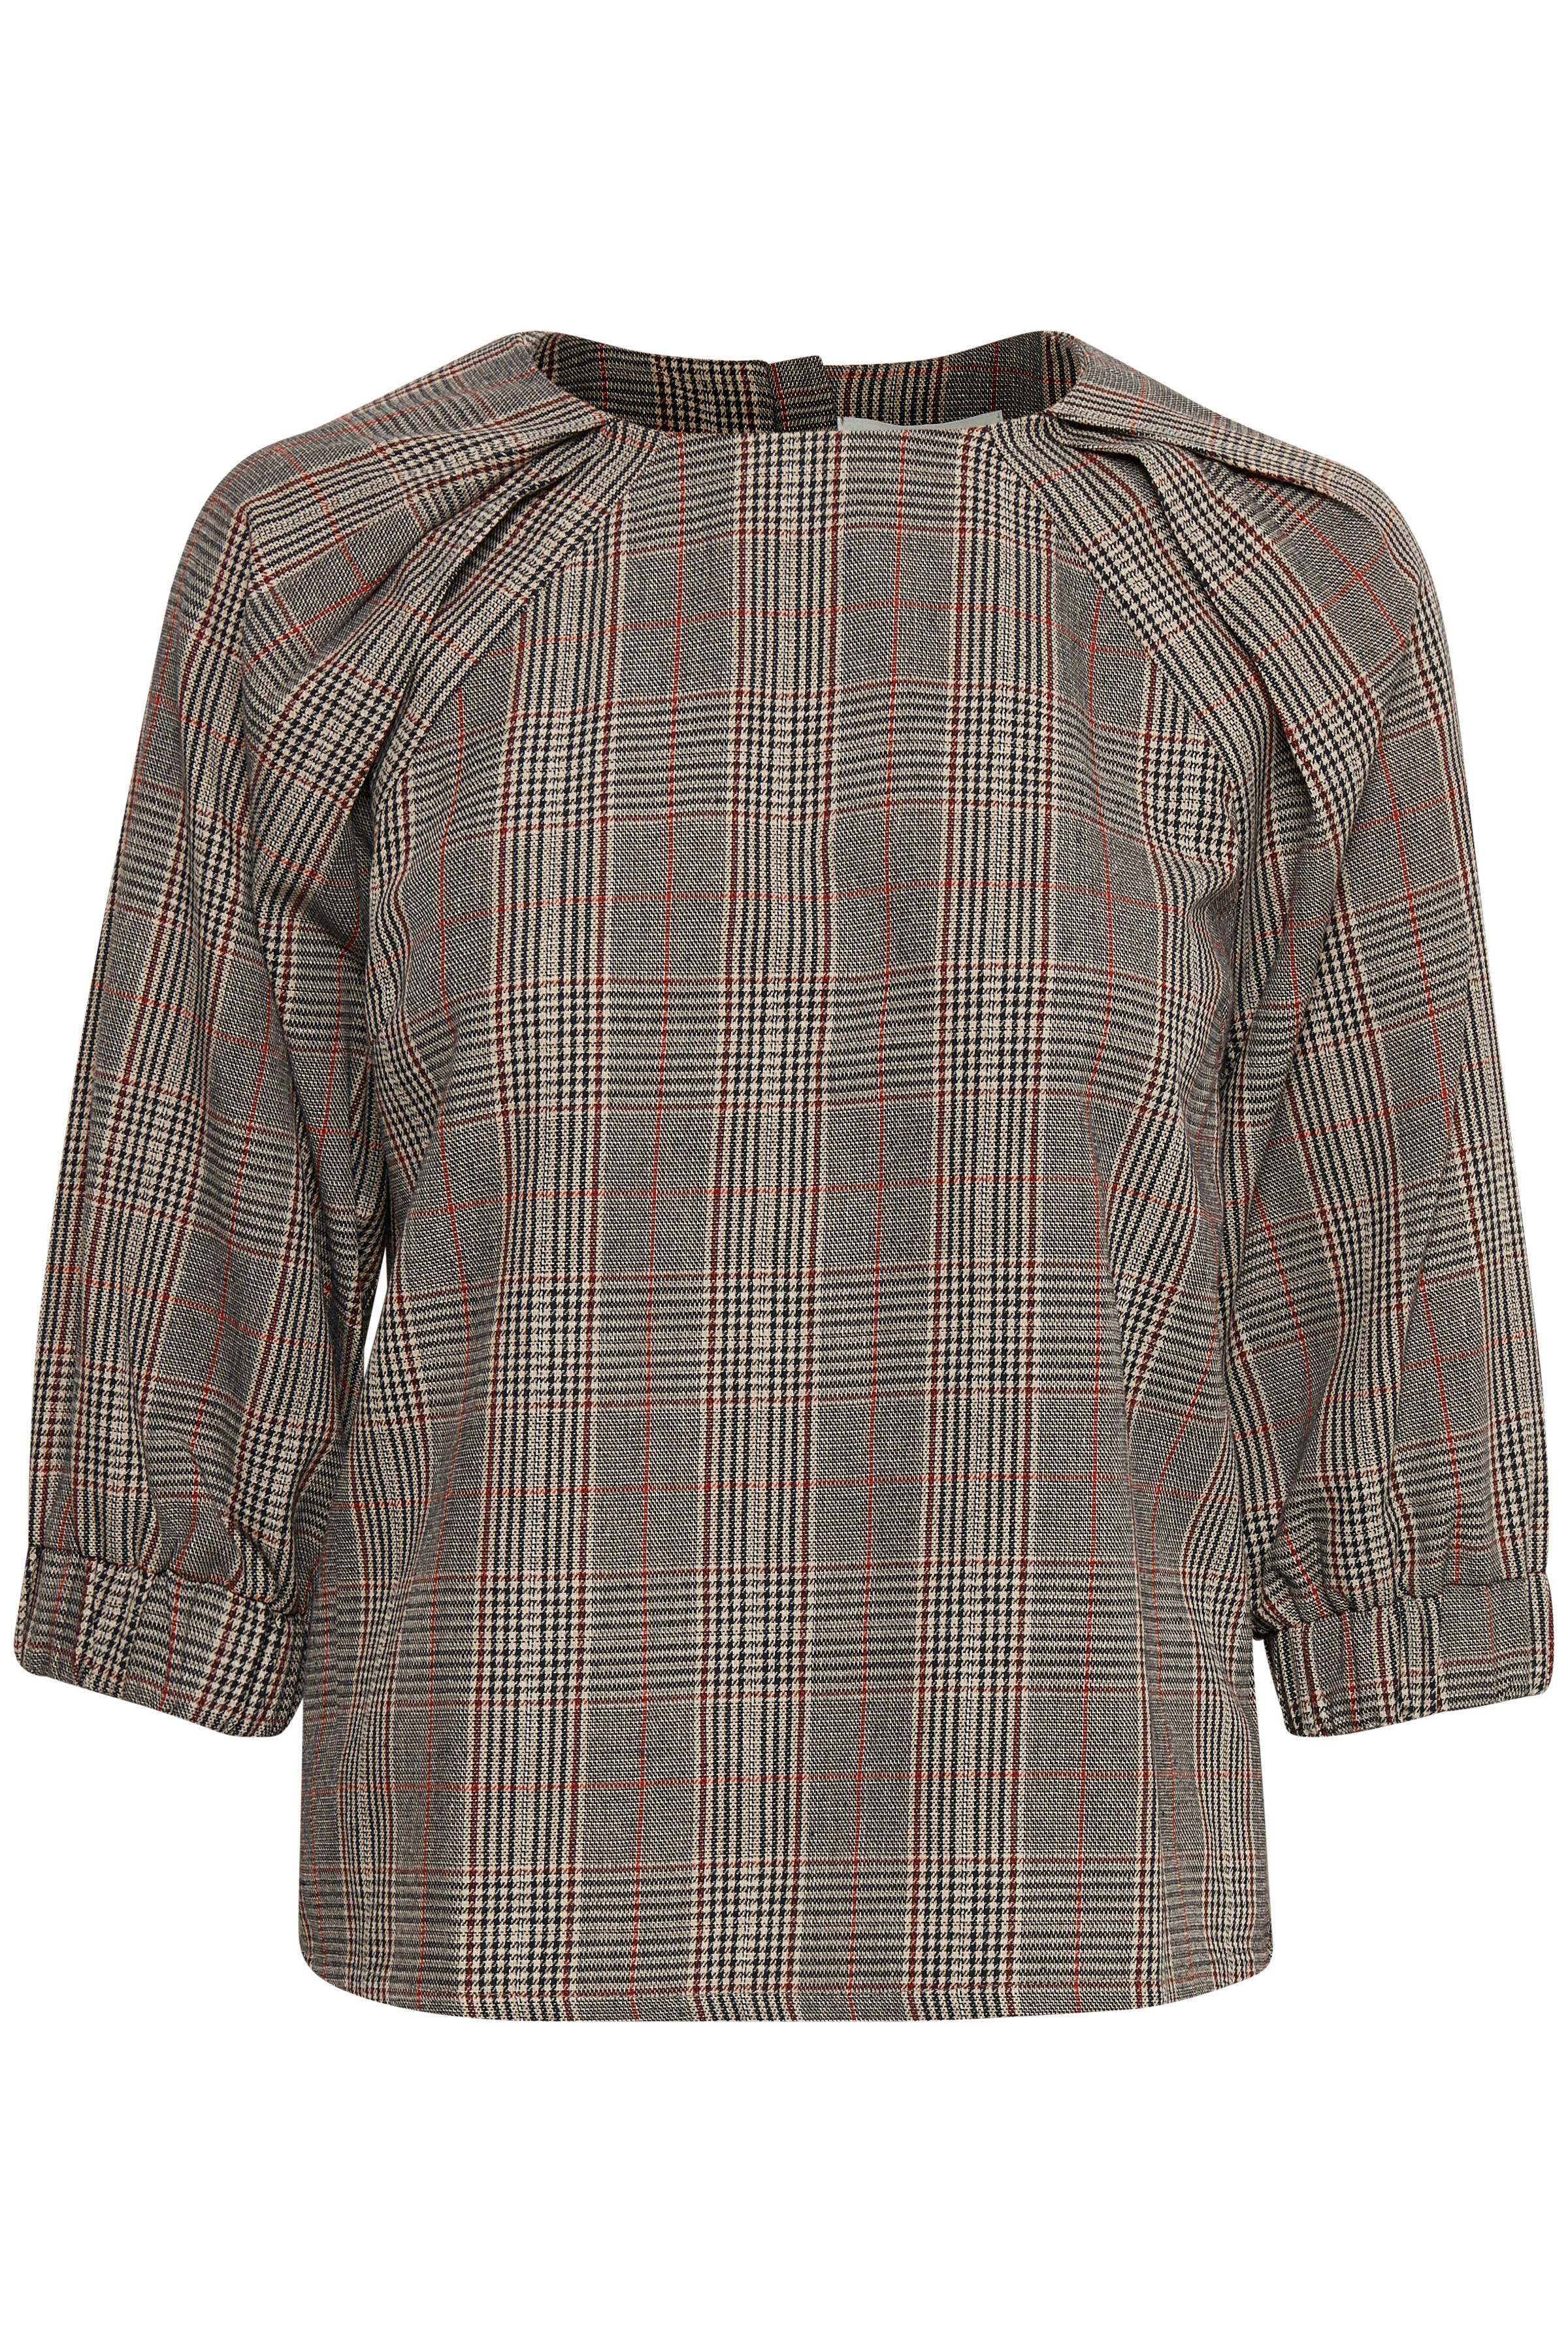 Schwarz/gebranntes rot Langarm-Bluse von Denim Hunter – Shoppen Sie Schwarz/gebranntes rot Langarm-Bluse ab Gr. 34-46 hier